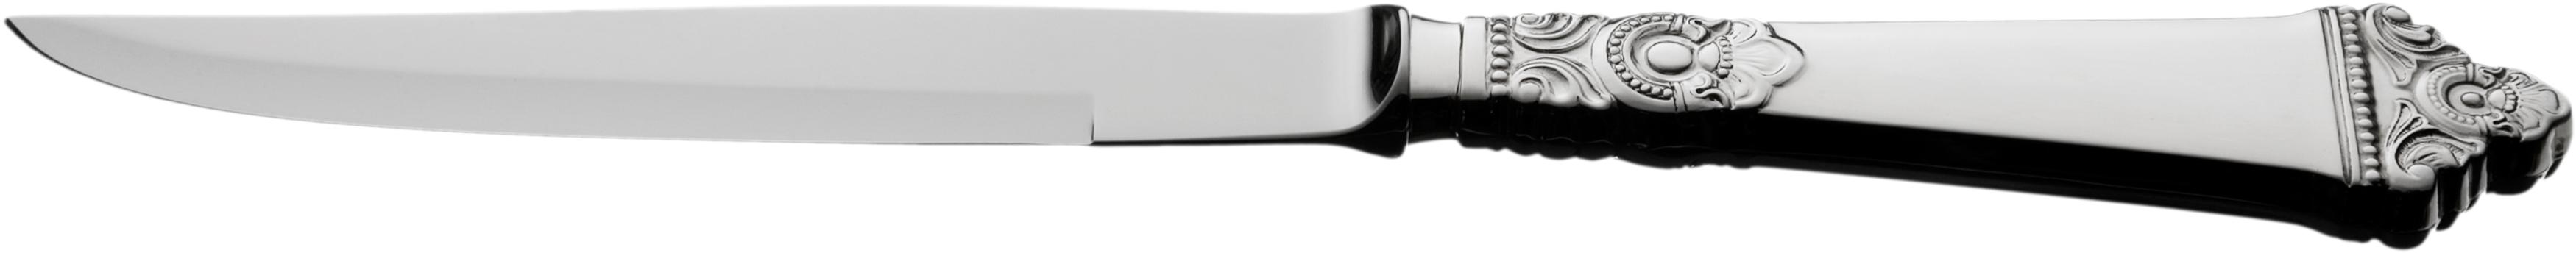 Biffkniv, Odel sølvbestikk